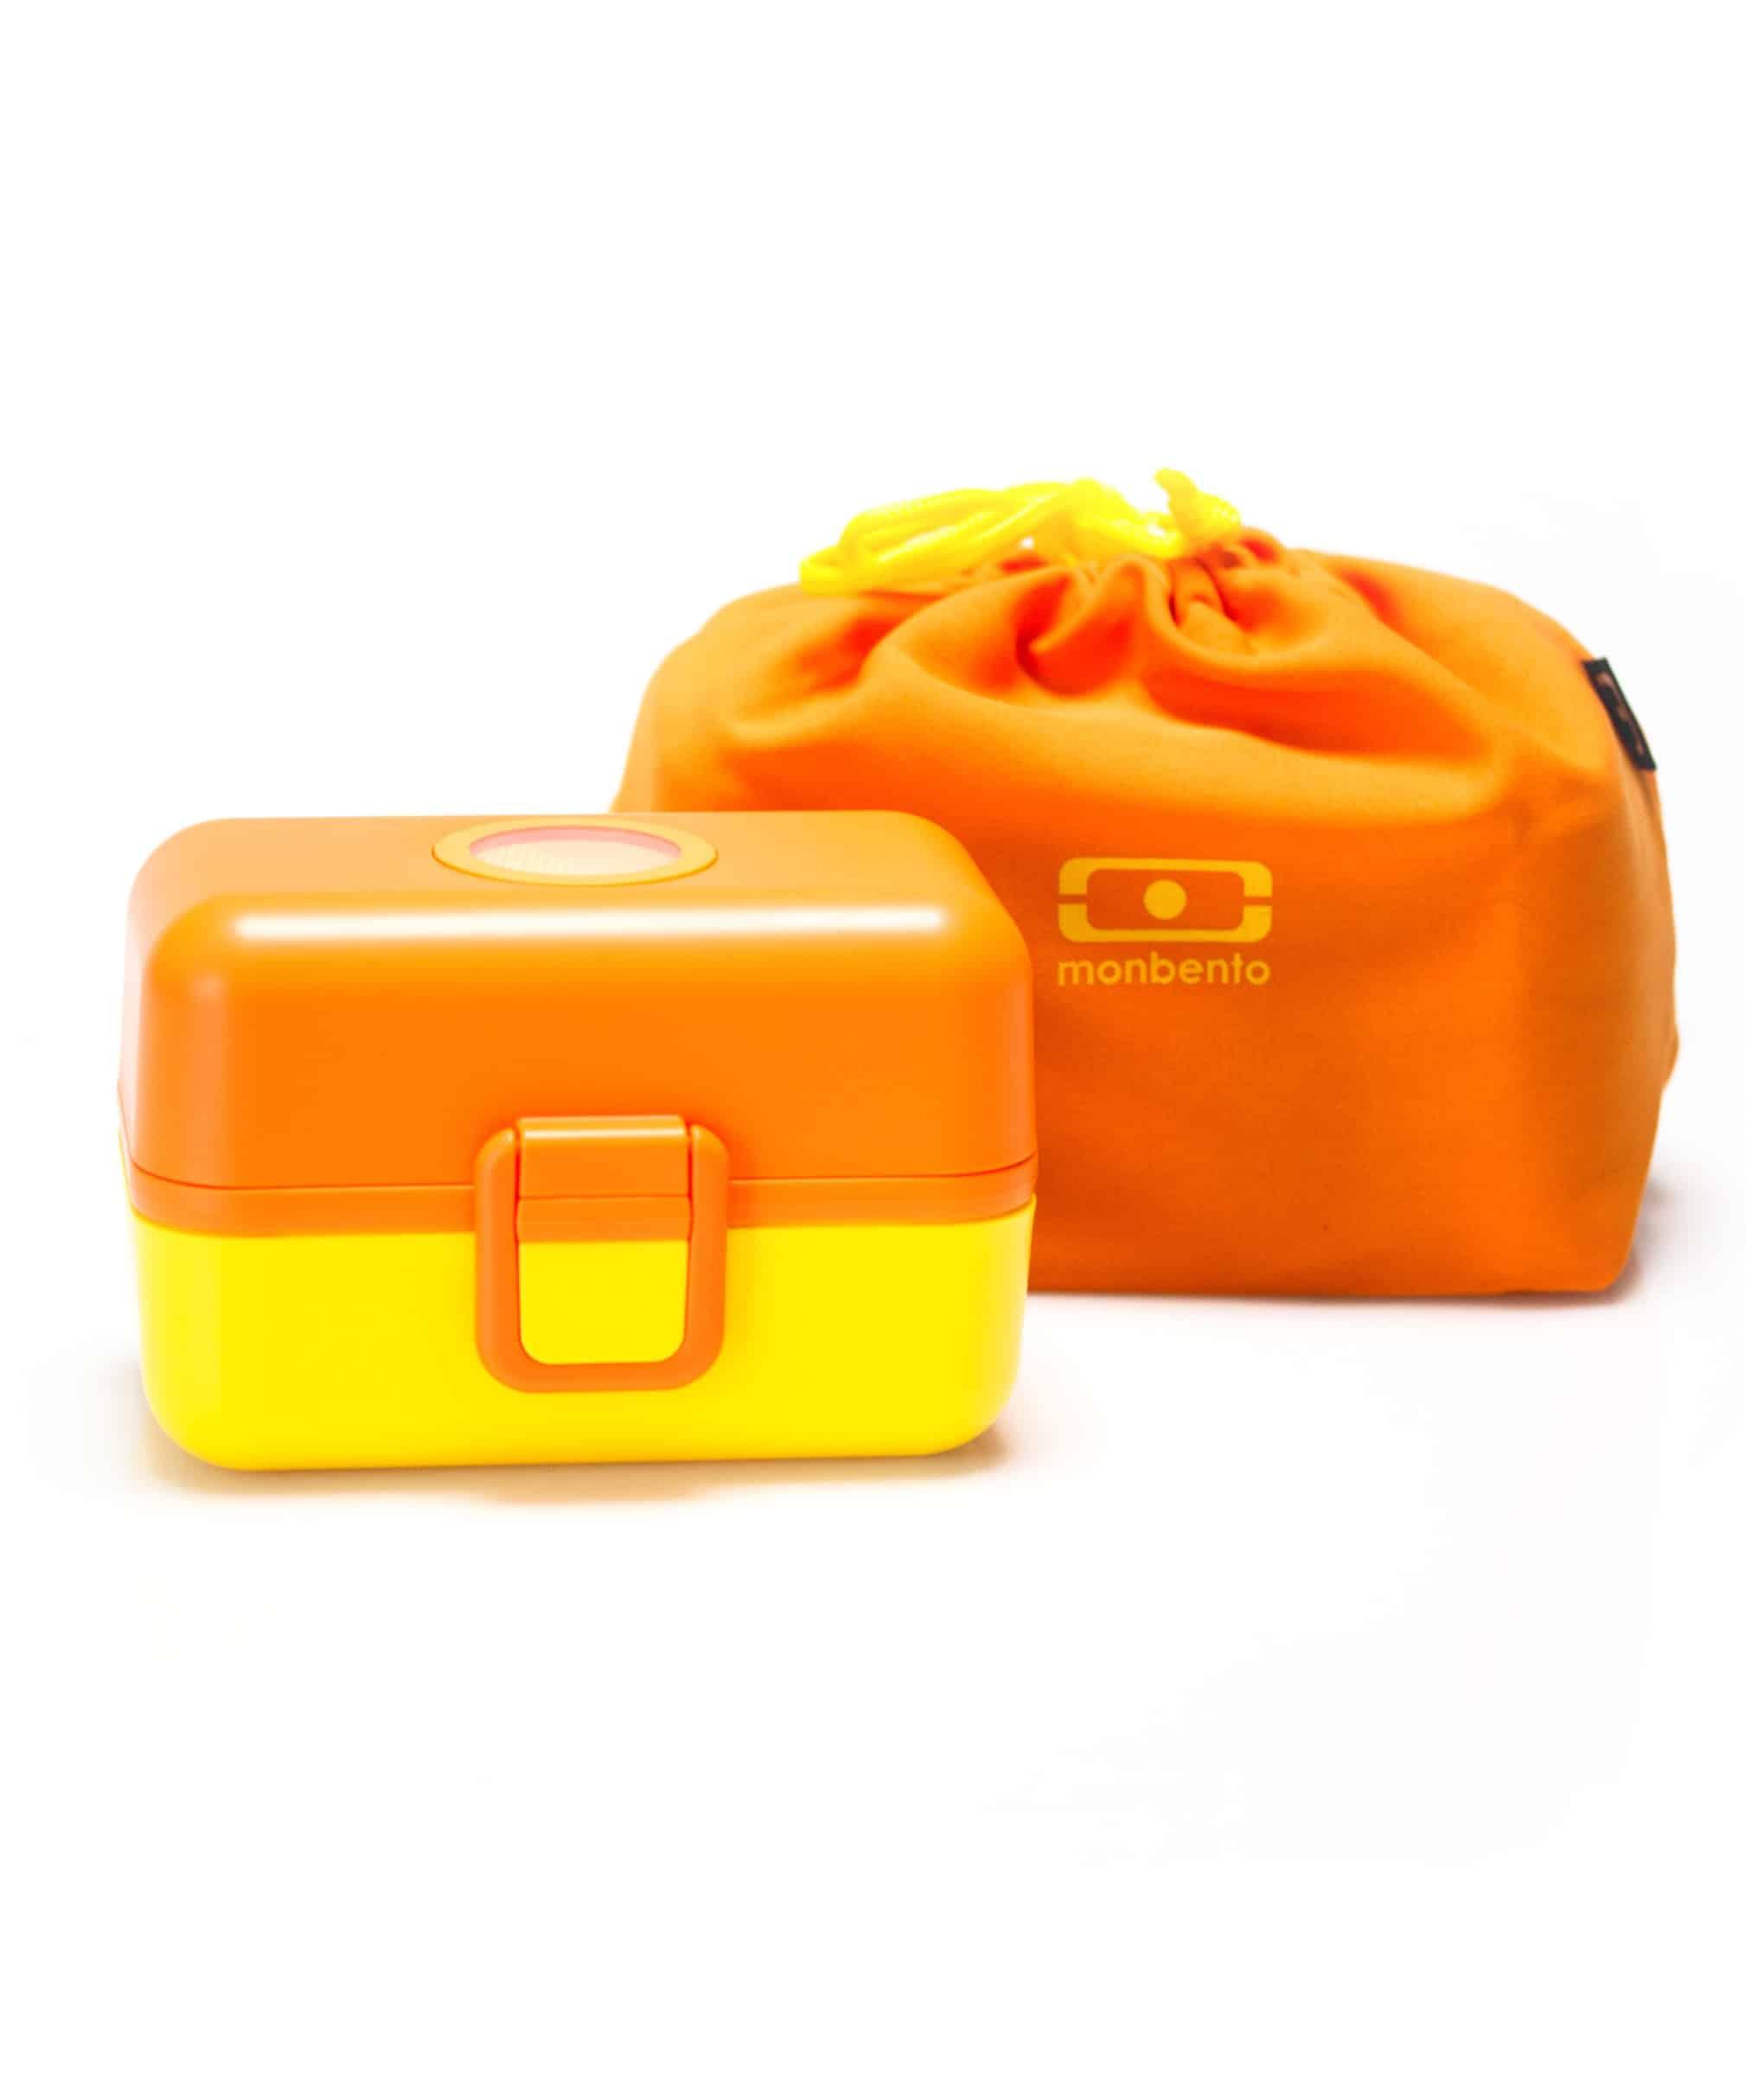 MB Pochette orange med Tresor_